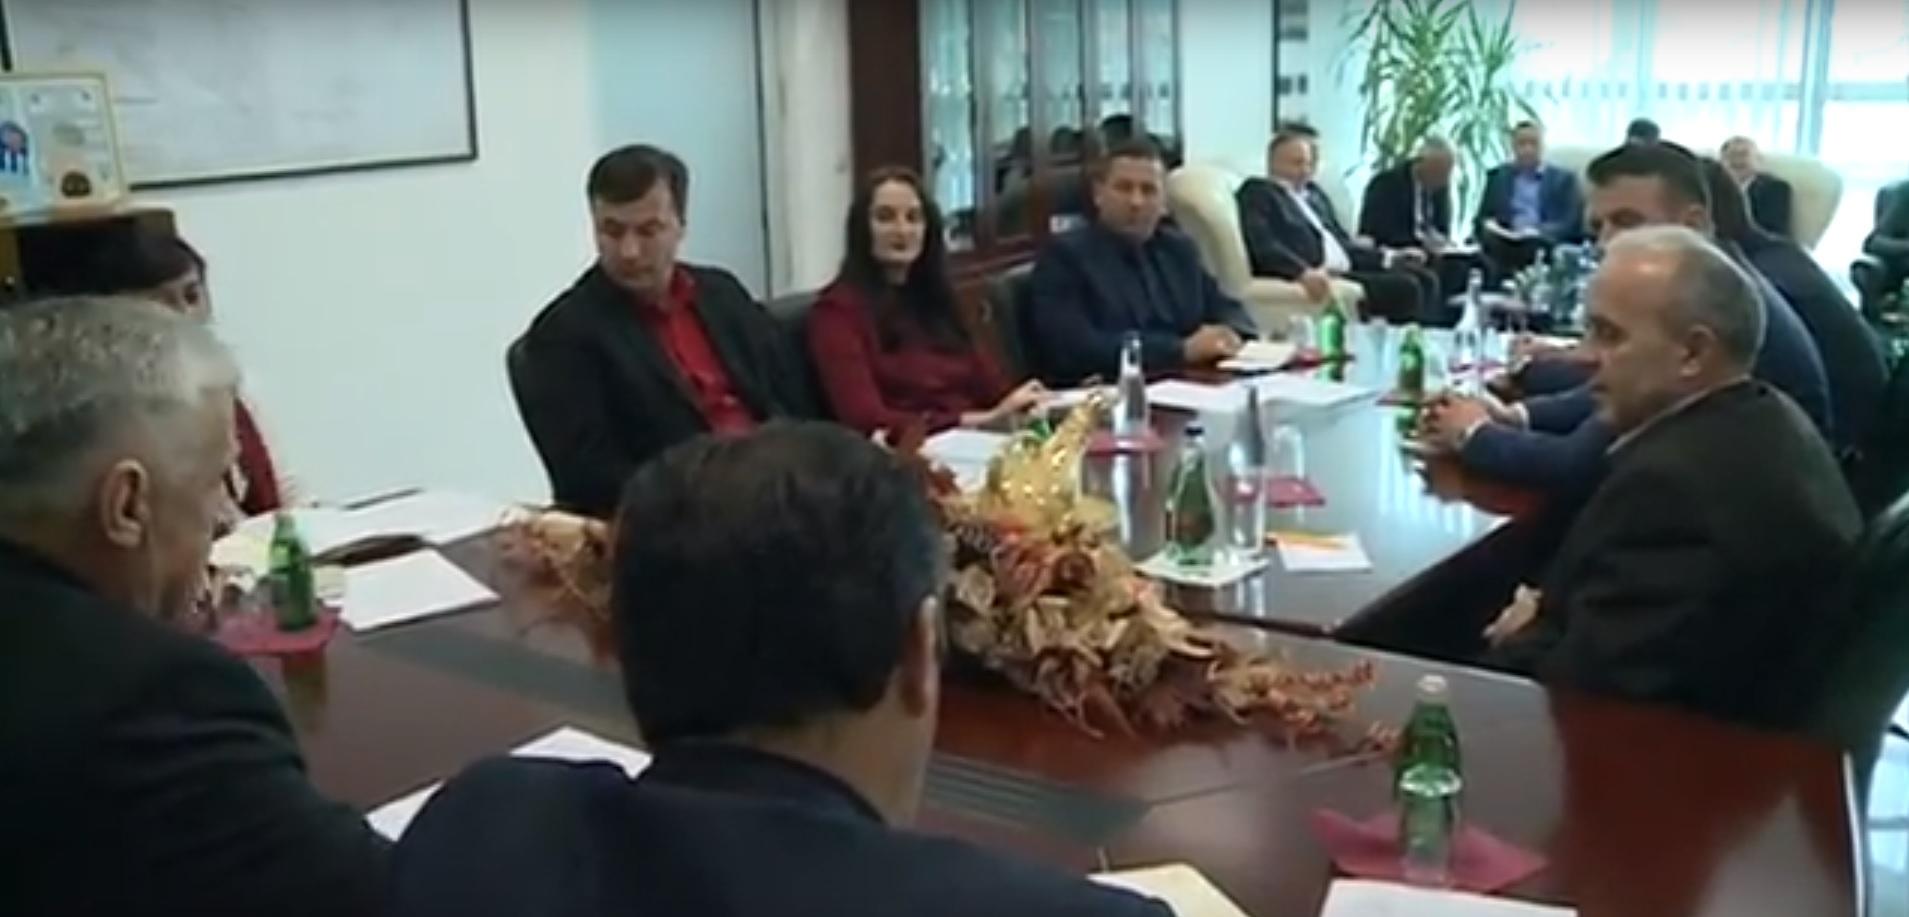 Održana 19. redovna sjednica opštinskog vijeća Tutina